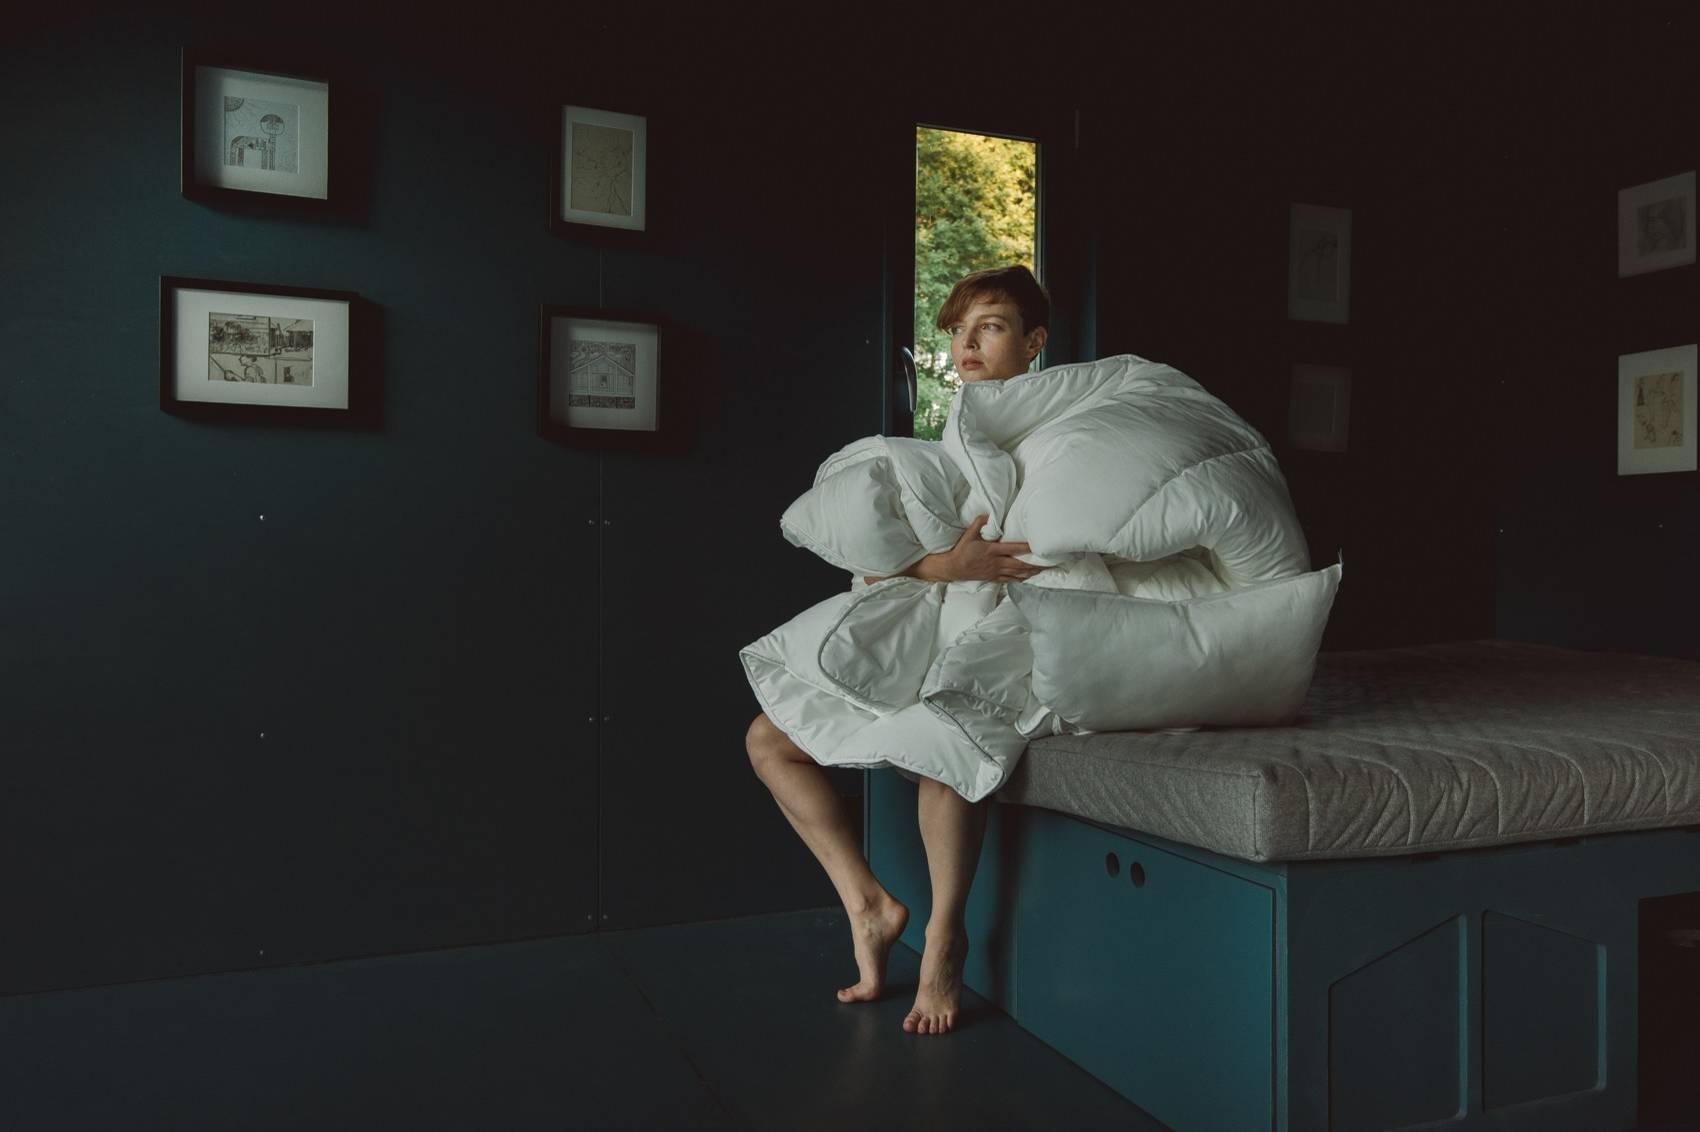 Лучшие одеяла для сна по качеству и надежности